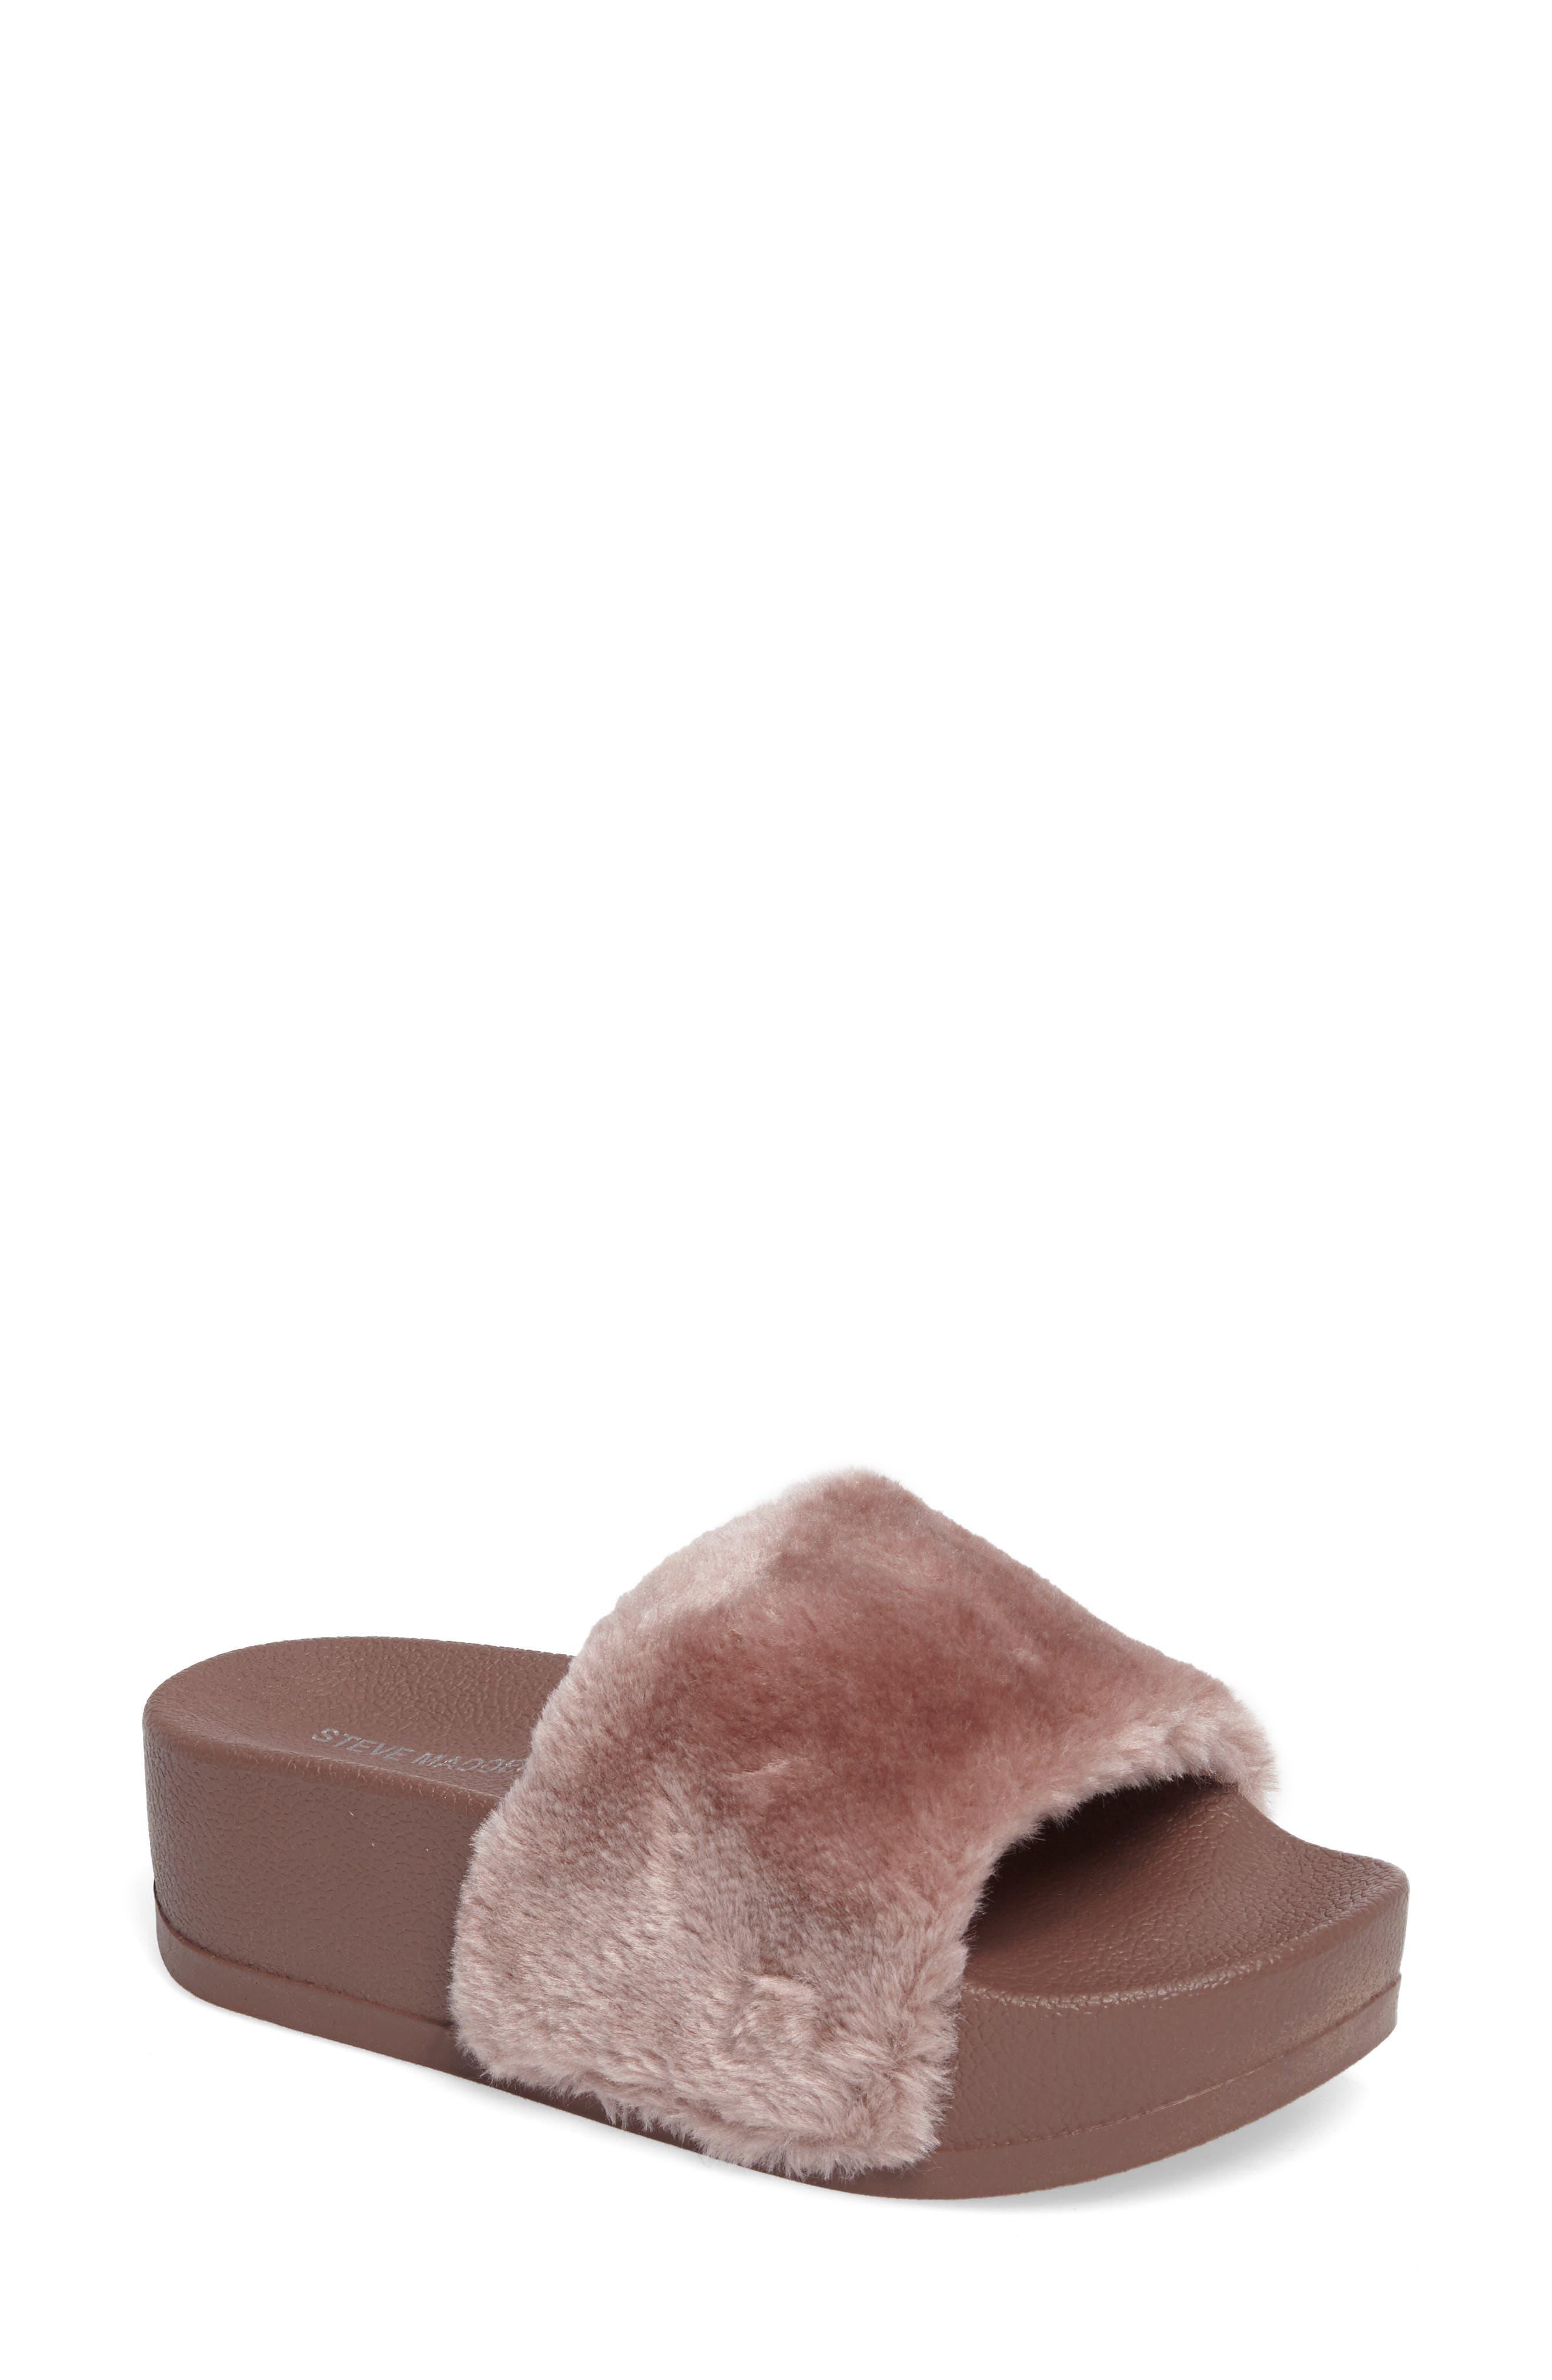 Alternate Image 1 Selected - Steve Madden Softey Faux Fur Platform Slide (Women)